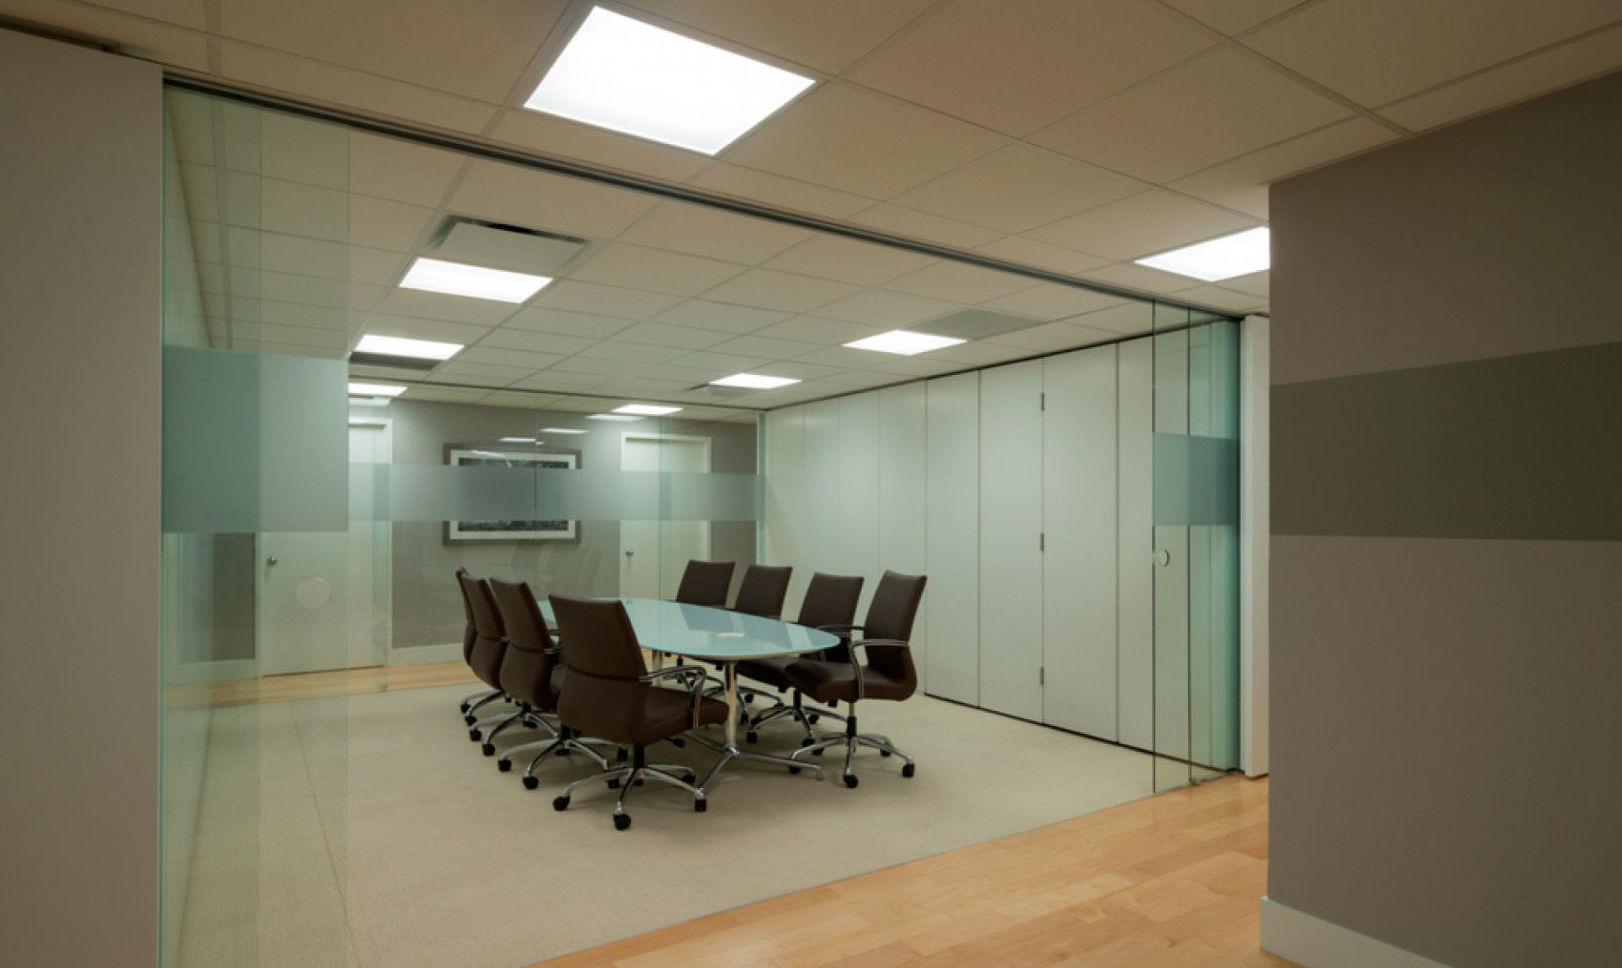 Dos puertas de cristal para separar sala de reuniones de oficina